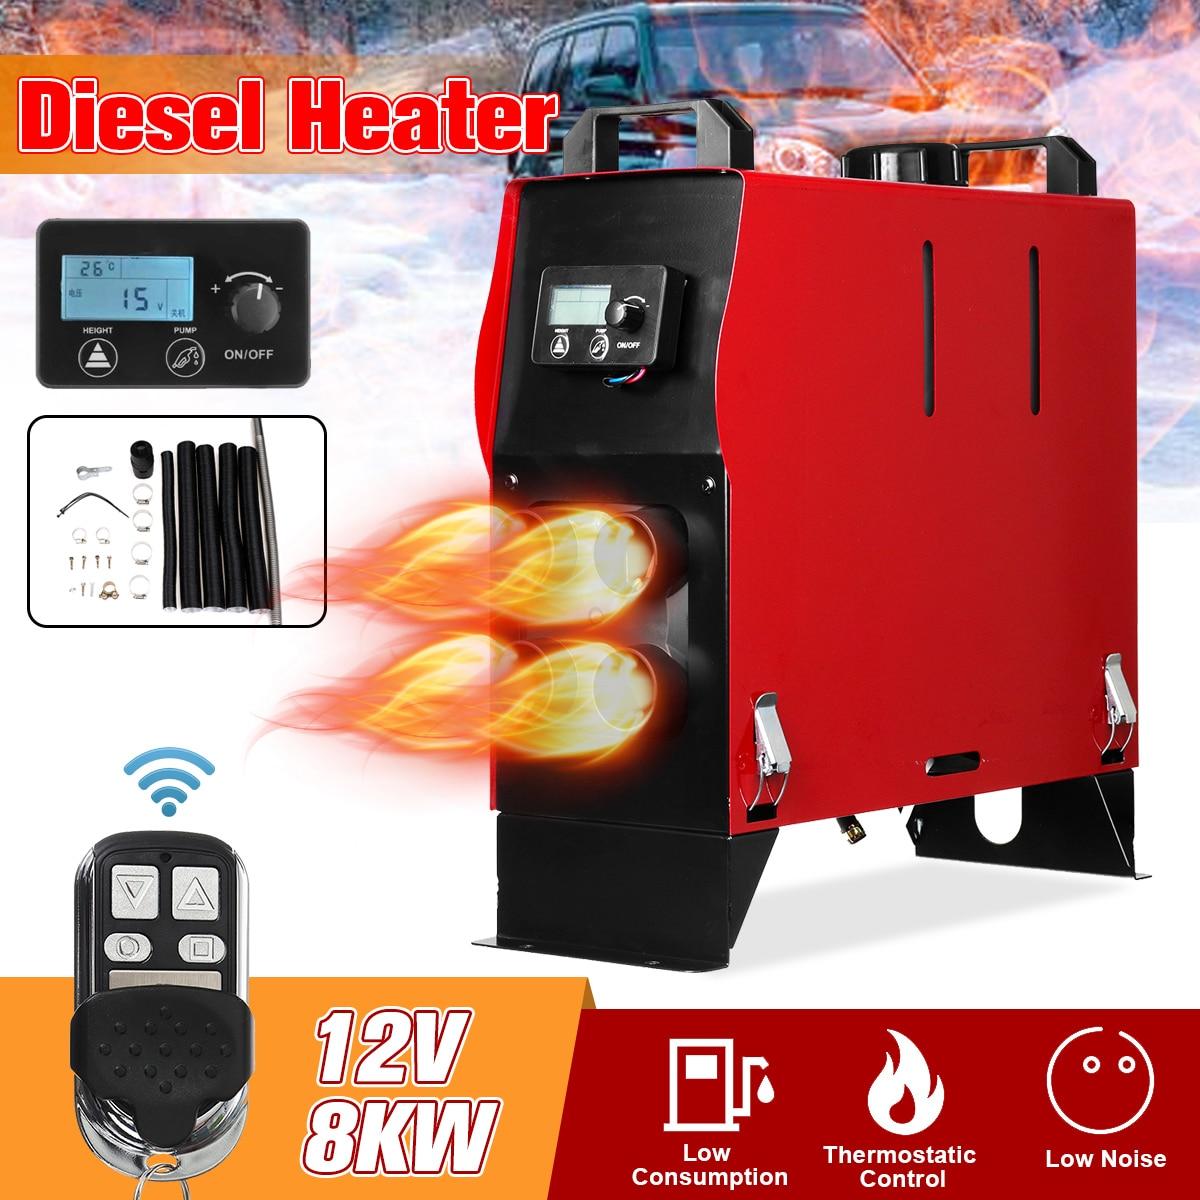 8KW 12 V Integração Único Buracos de Ar Diesel aquecedor de estacionamento ar Aquecedor Do Carro Com Controle Remoto do Interruptor Da Tela LCD de Poupança espaço